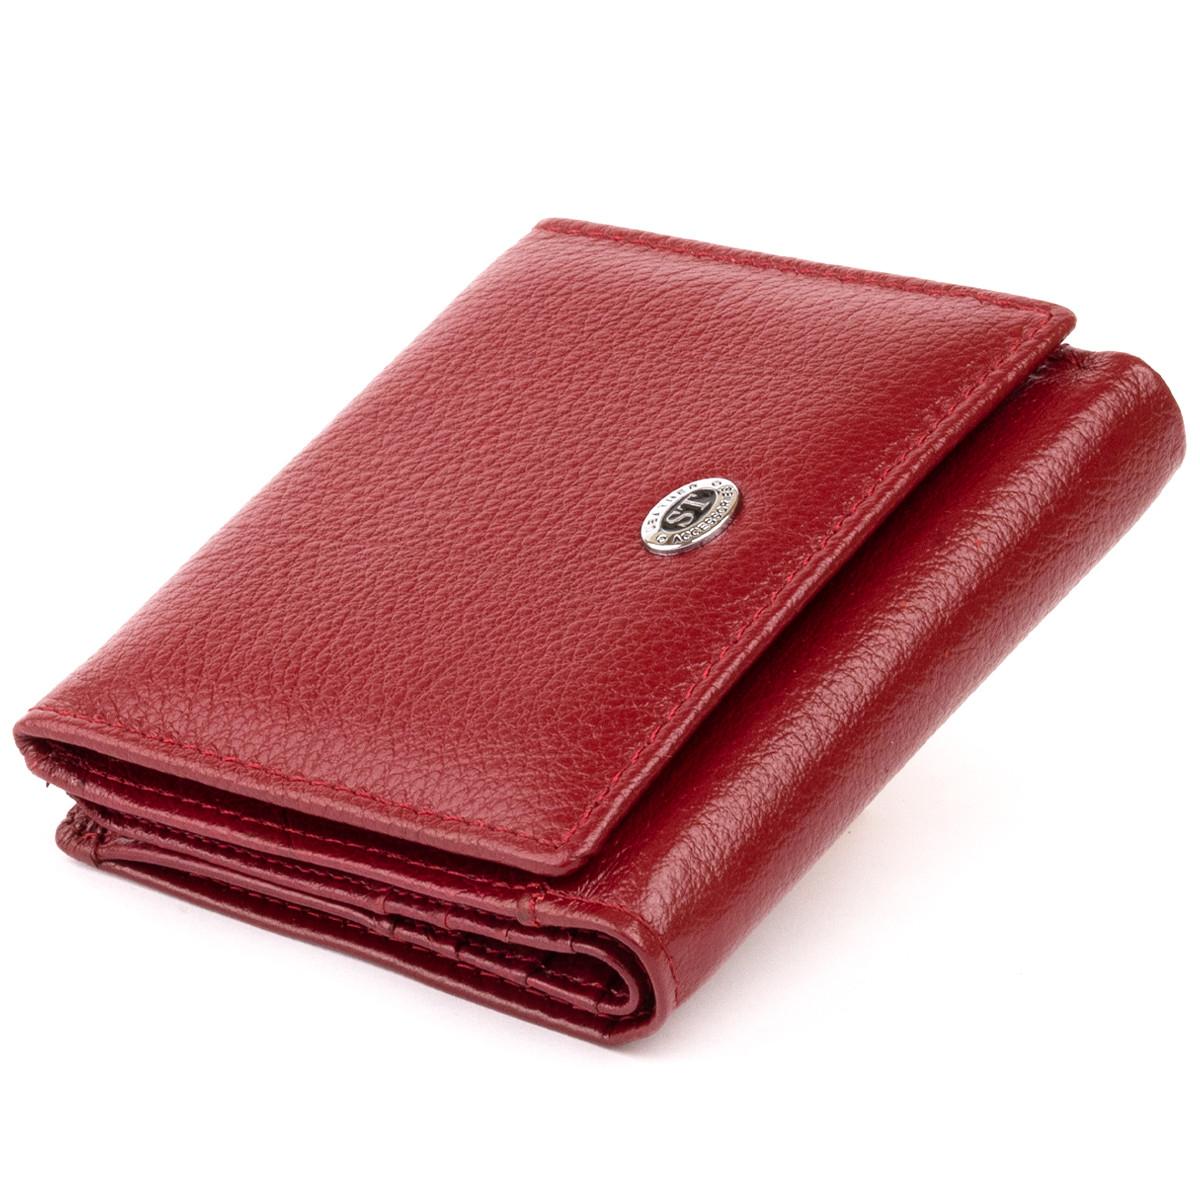 Компактний гаманець жіночий ST Leather 19257 Бордовий